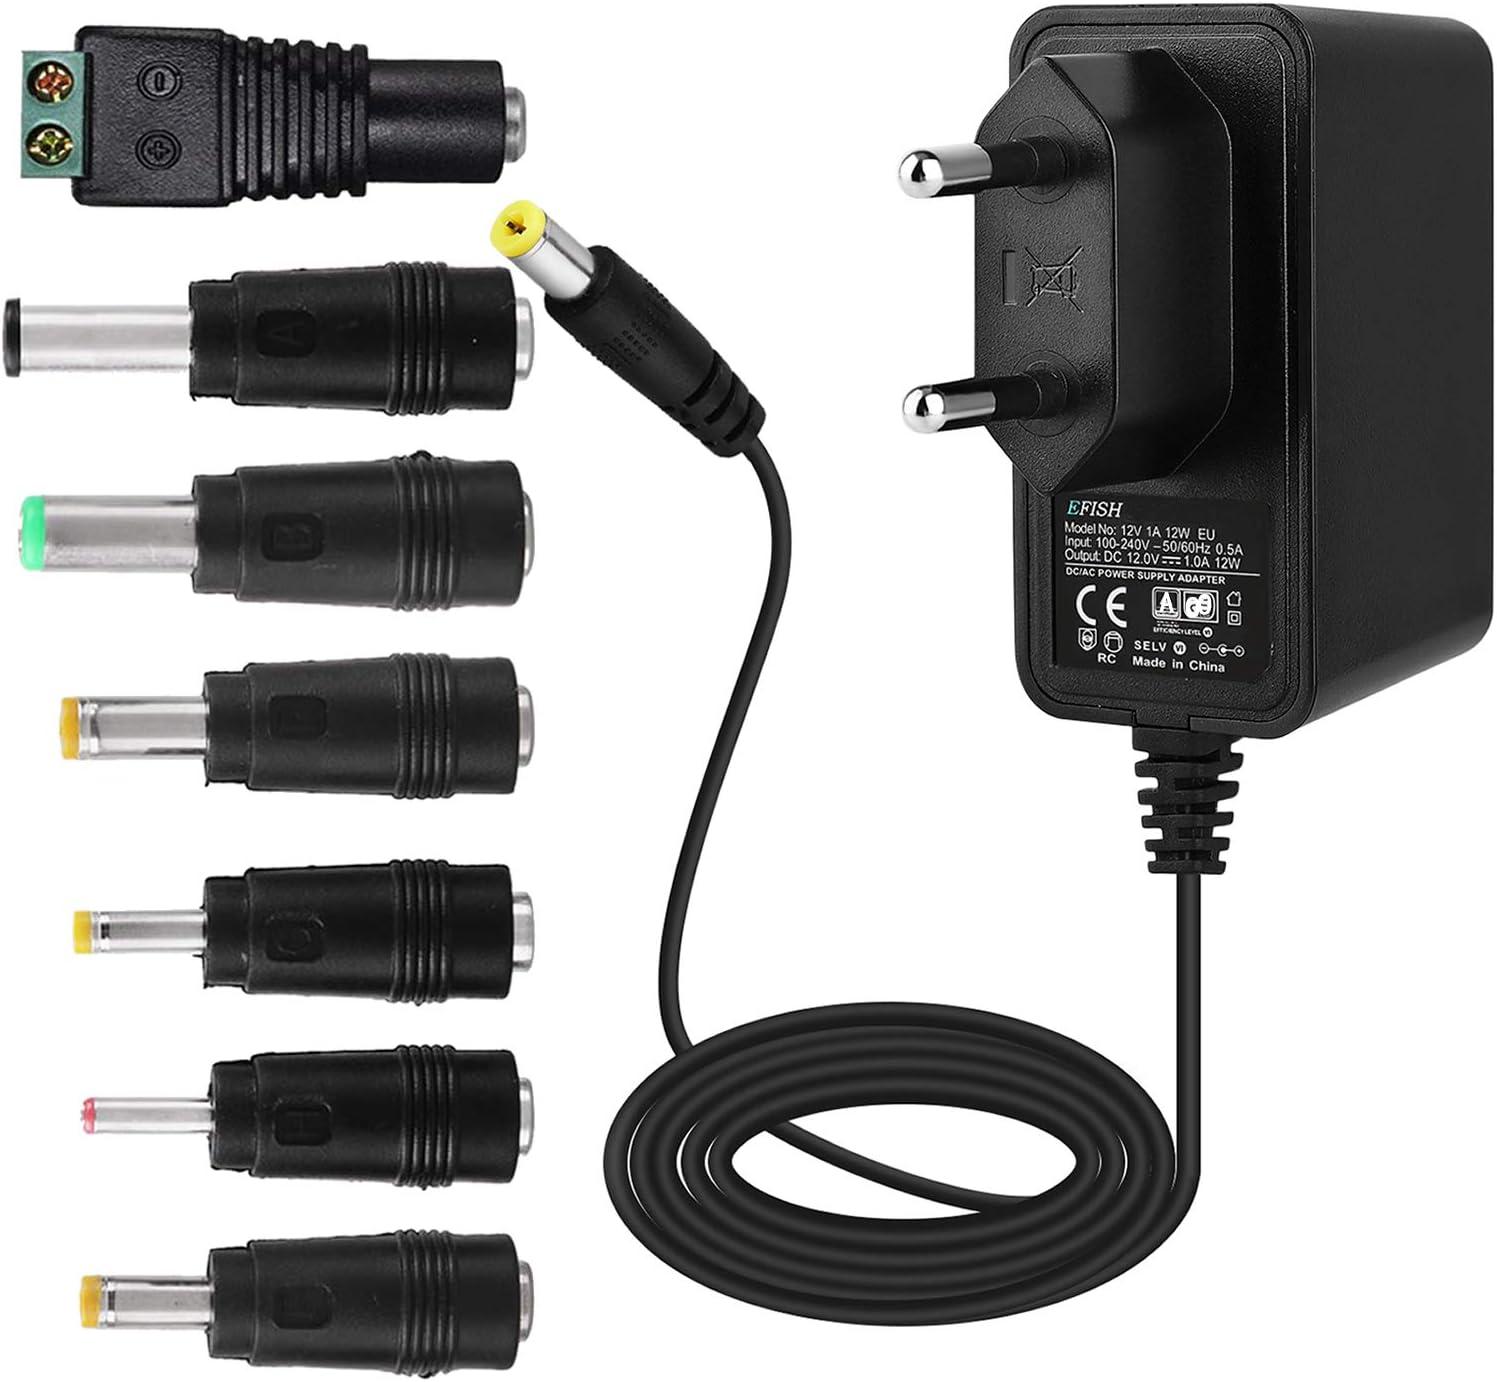 Efish 12v 1a 12w Trafo Liefern Netzteil Netzstecker Für Elektronik